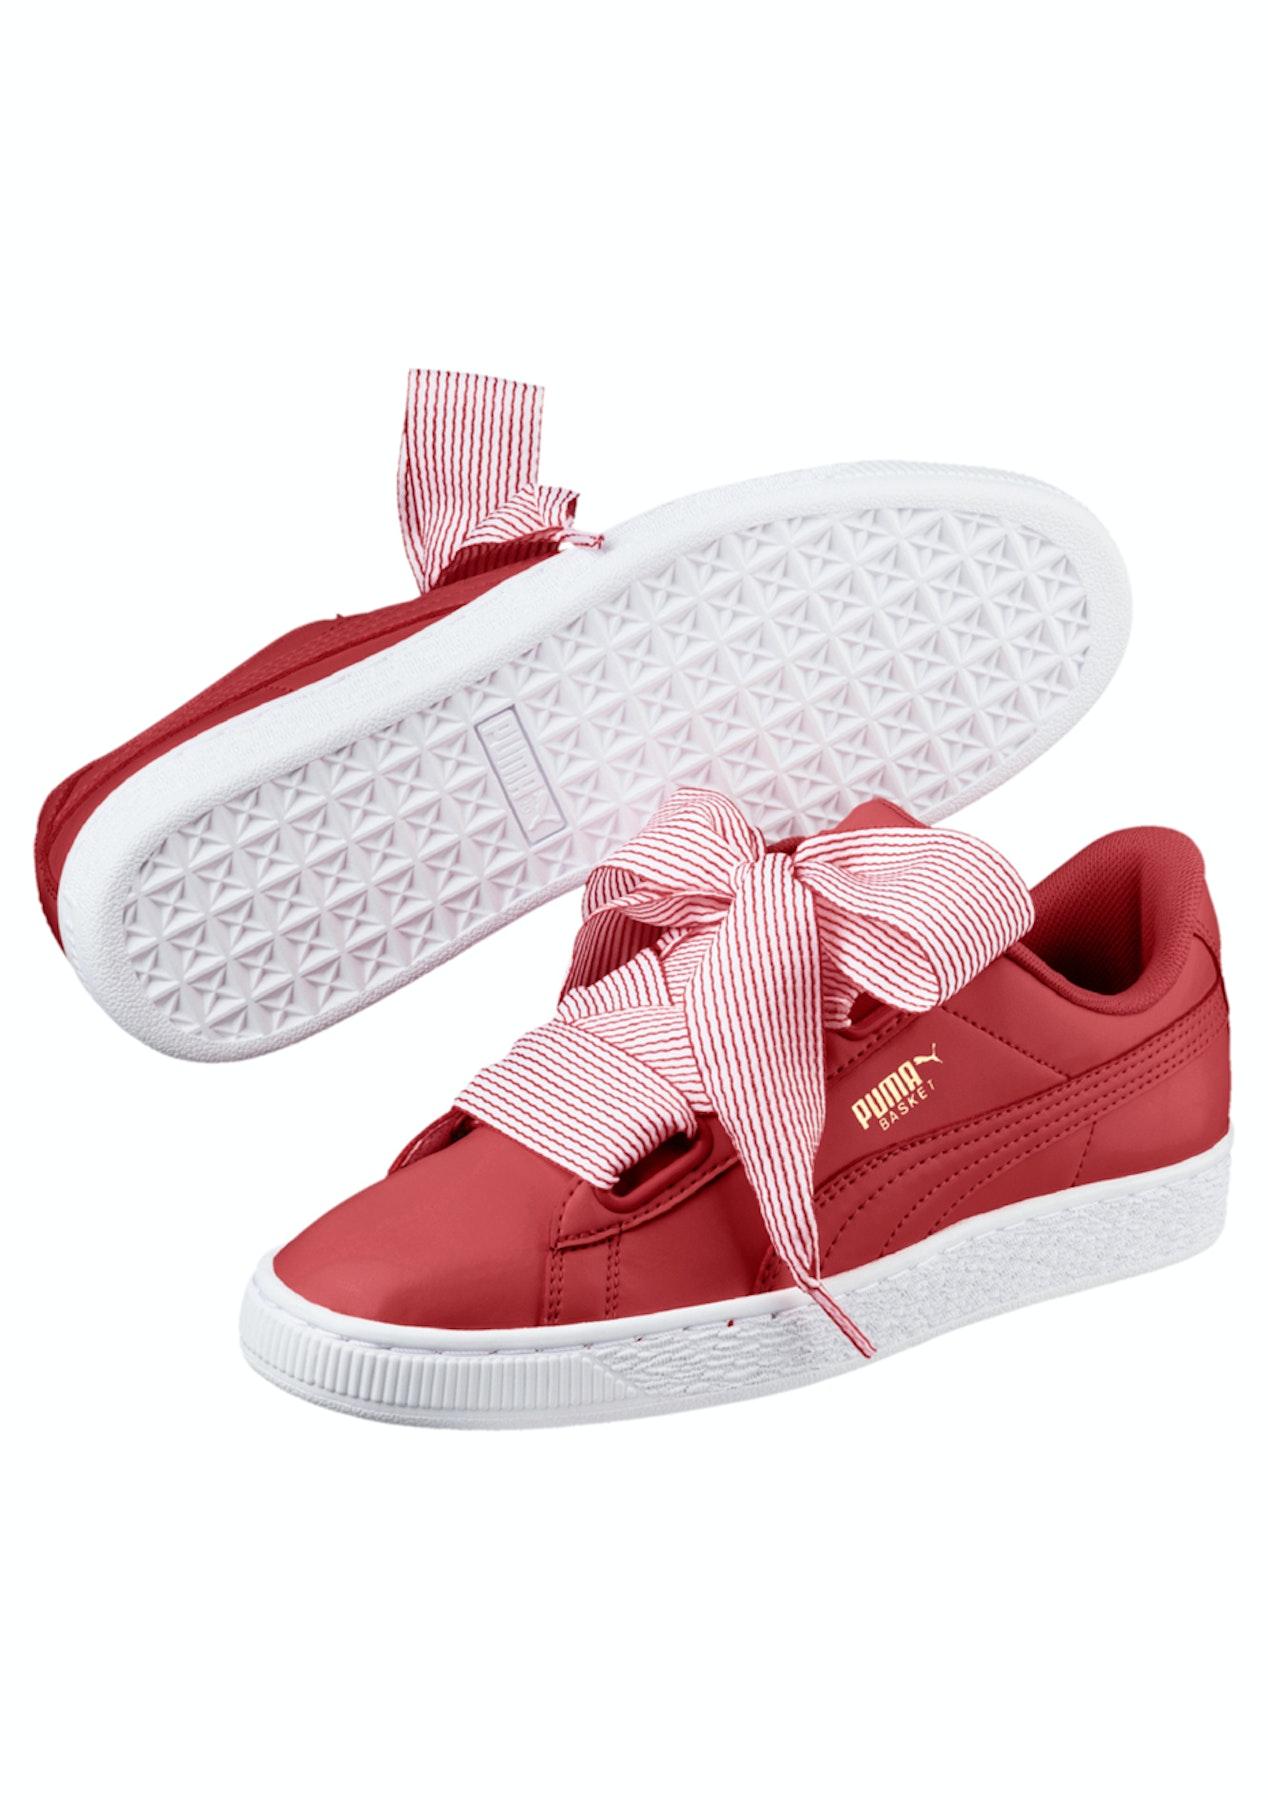 best website 2a1fa 3c1ff Puma Womens - Basket Heart - Shell-Pink